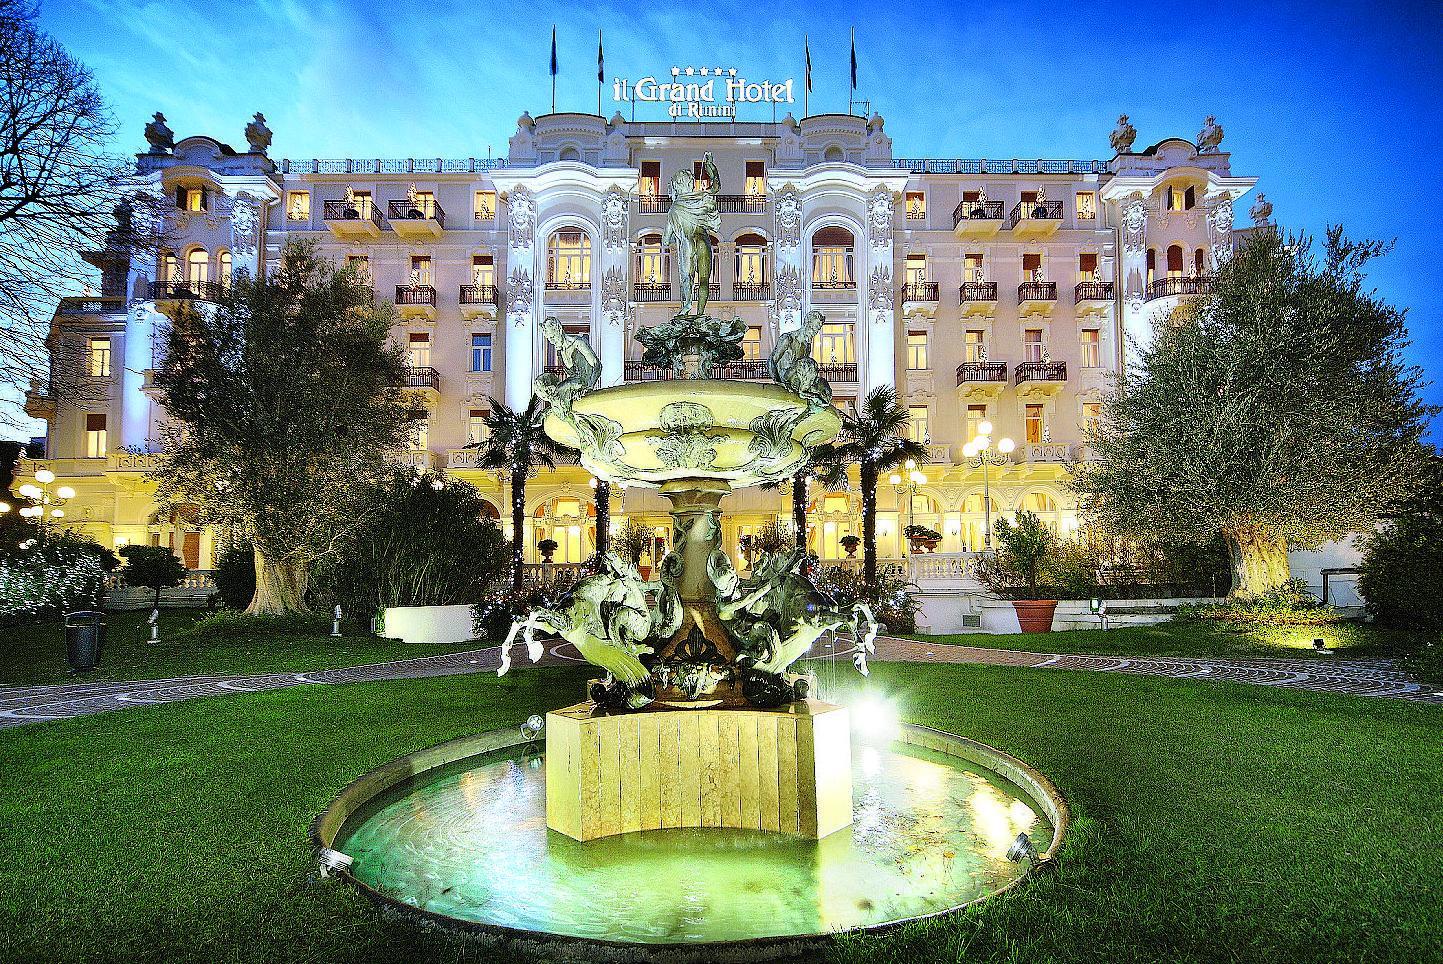 Milano Marittima Grand Hotel